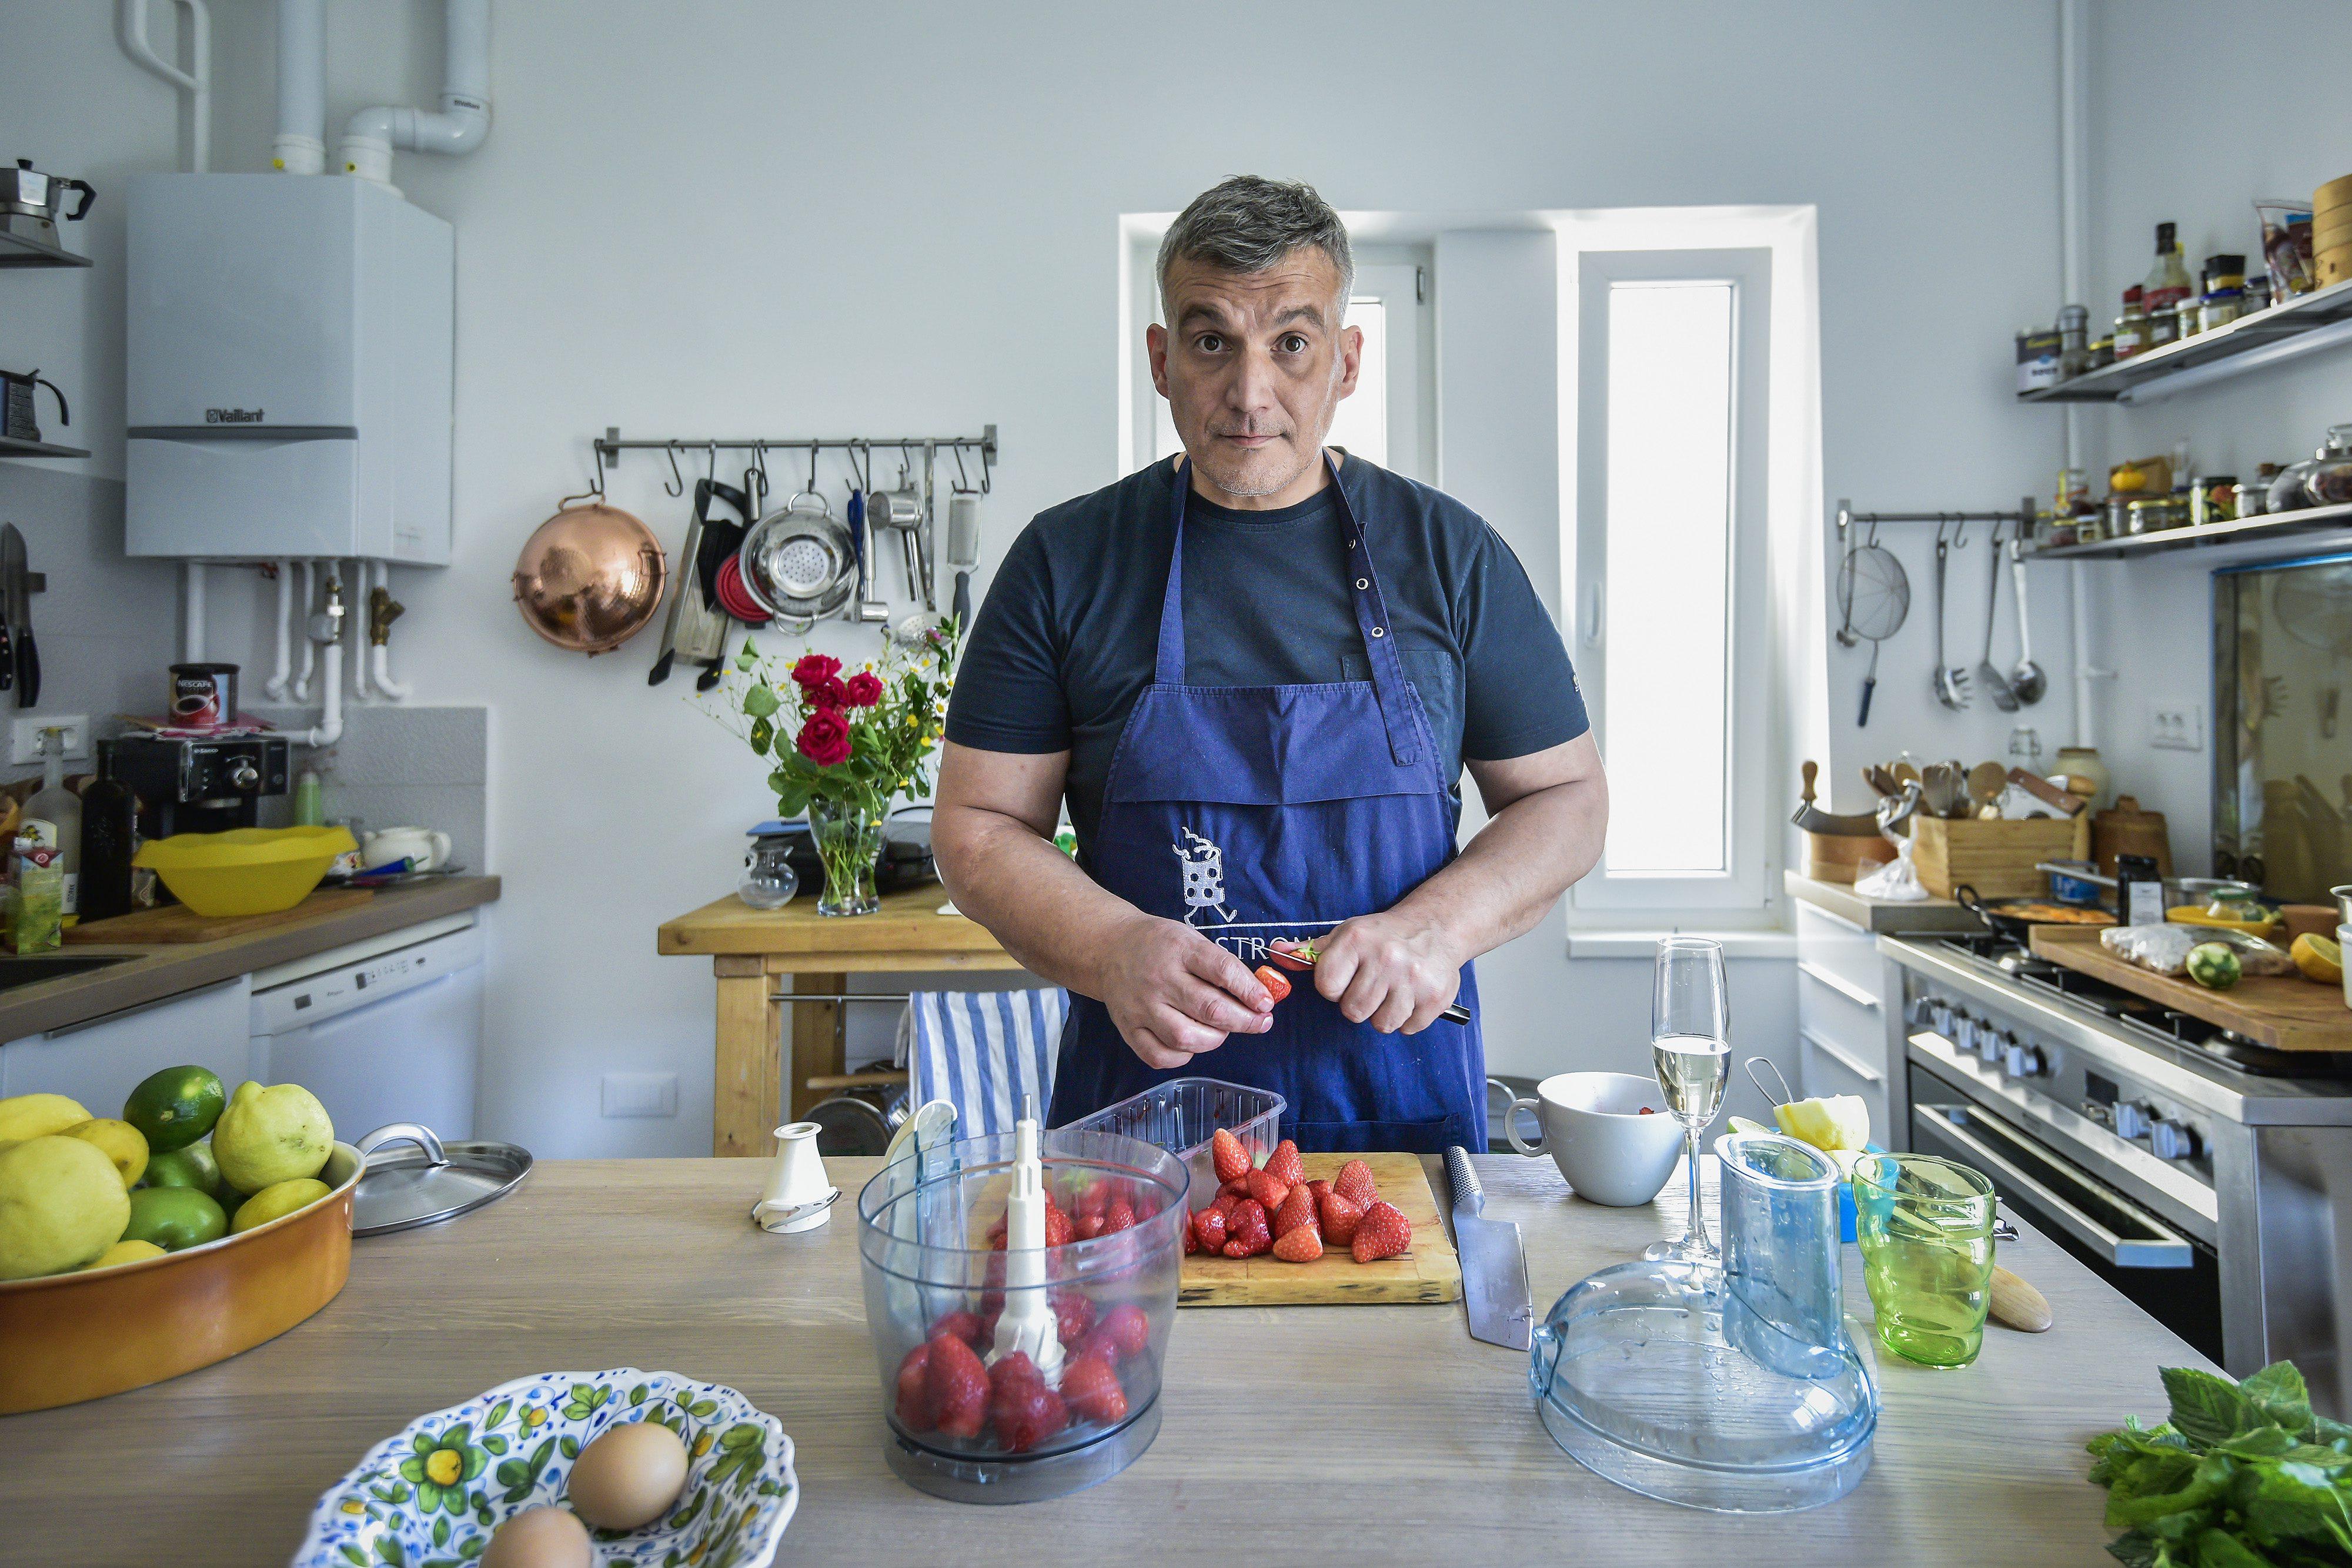 Zagreb, 230517.  Zoran Simunic iz Gastronomada u svom domu pripremao je razlicite vocne sladolede i sorbete. Foto: Neja Markicevic / CROPIX